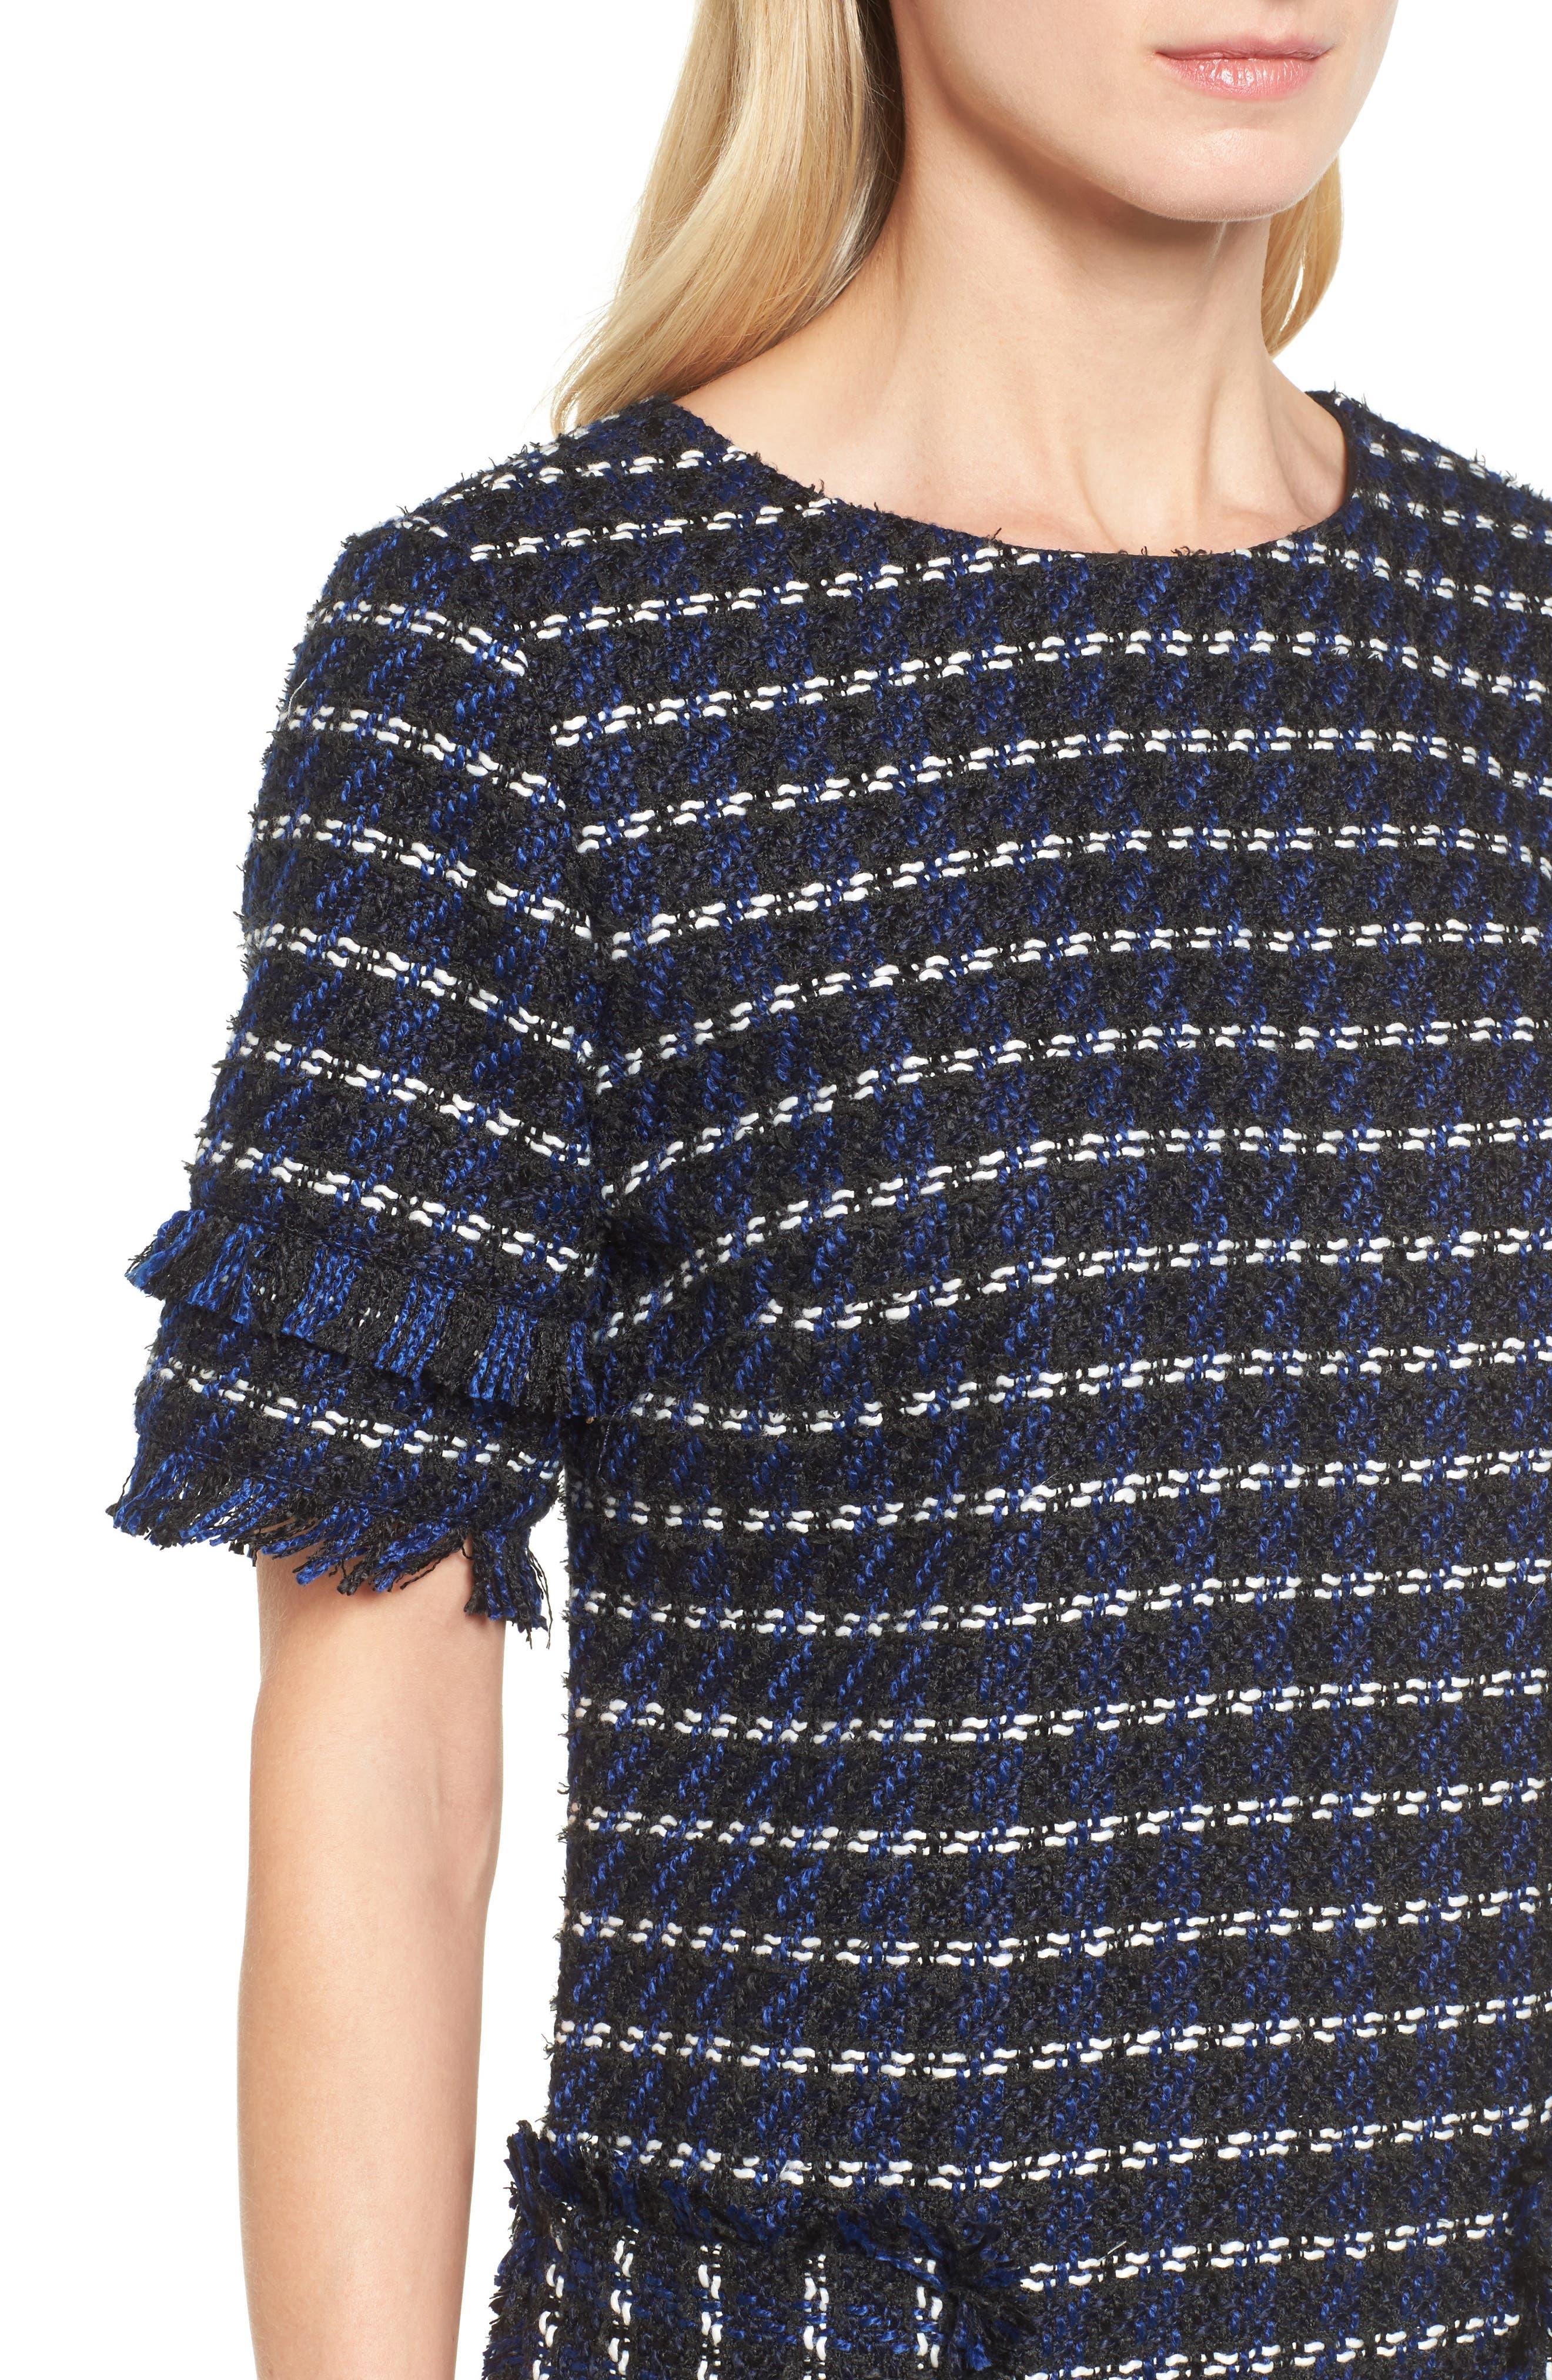 Fringe Tweed Dress,                             Alternate thumbnail 4, color,                             Black- Navy Tweed